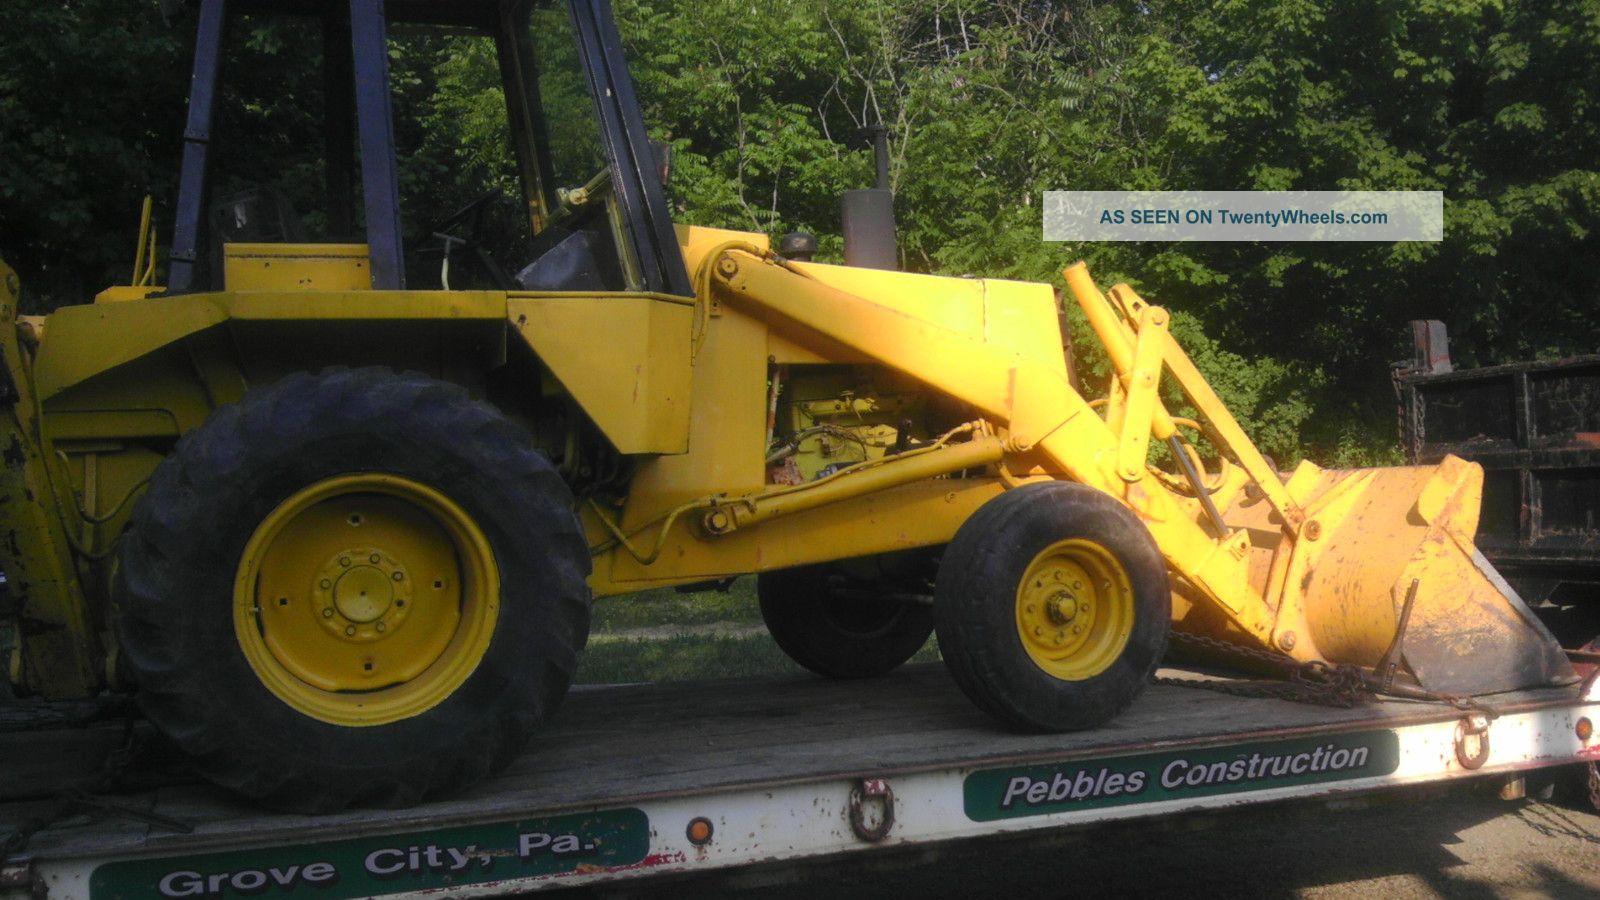 Case Tractor Backhoe 580c Diesel Loader Forklift Excavator Industrial Machine Backhoe Loaders photo